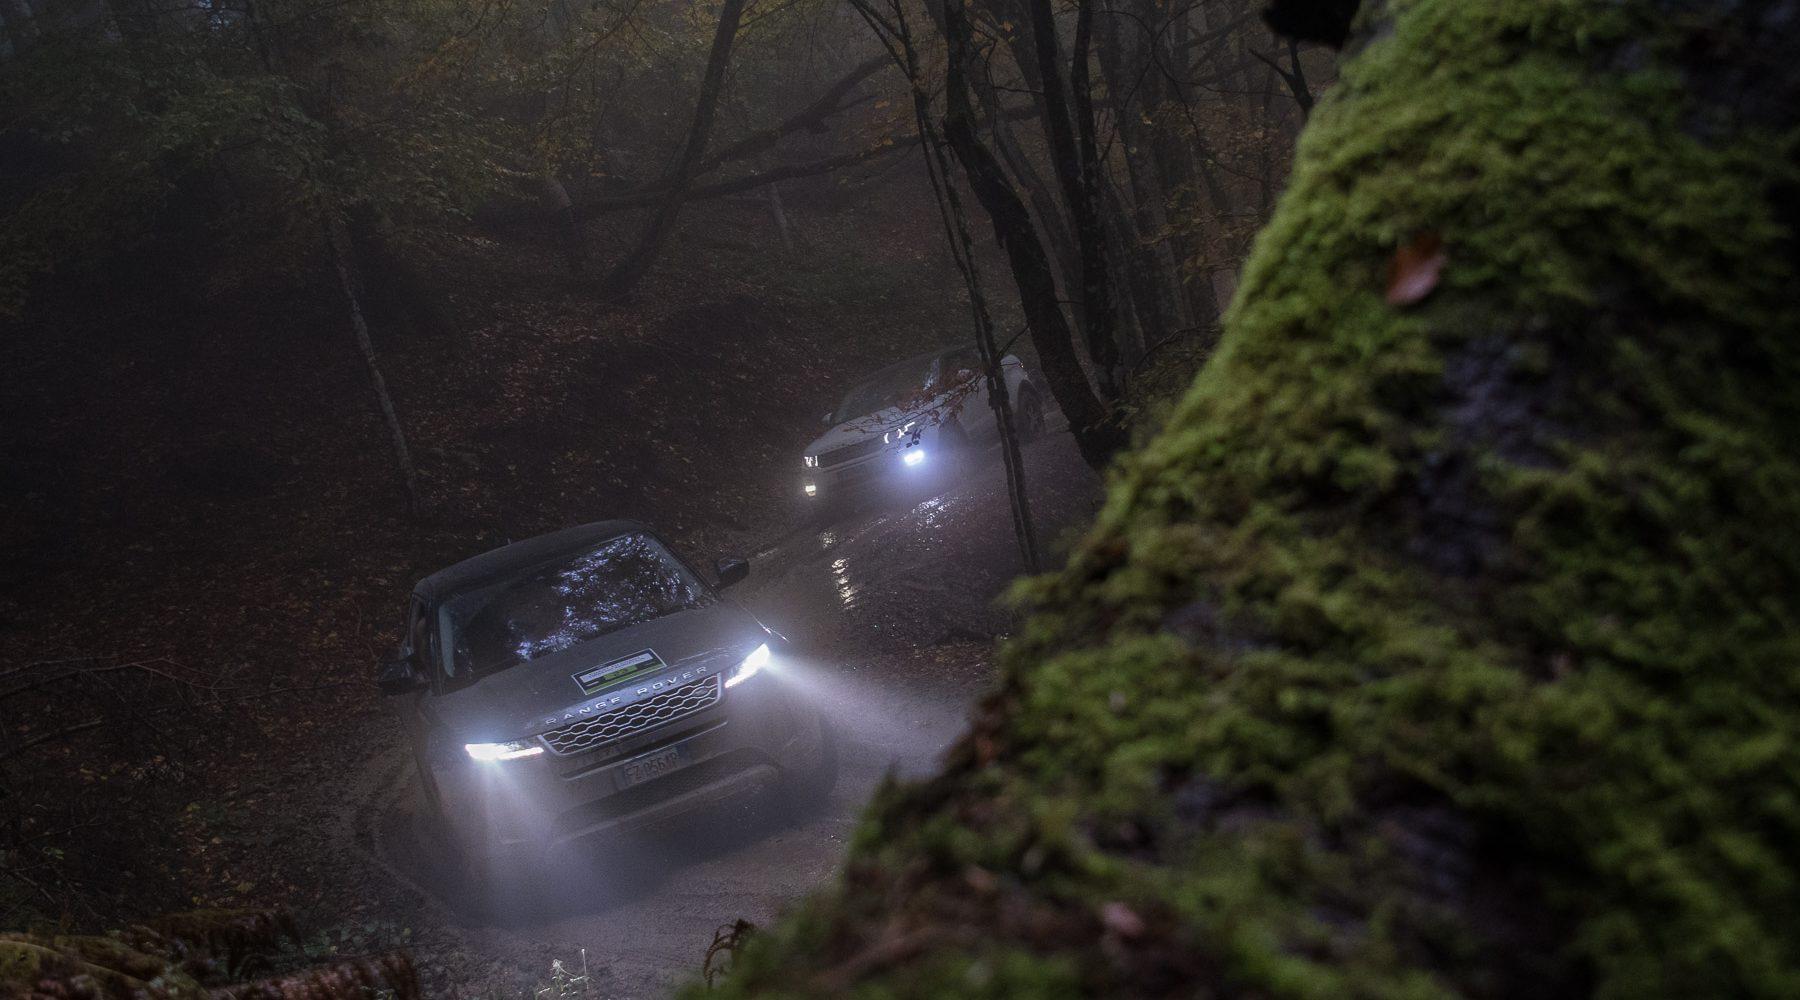 Land-Rover-Experience-Italia-Registro-Italiano-Land-Rover-Tirreno-Adriatica-2020-381